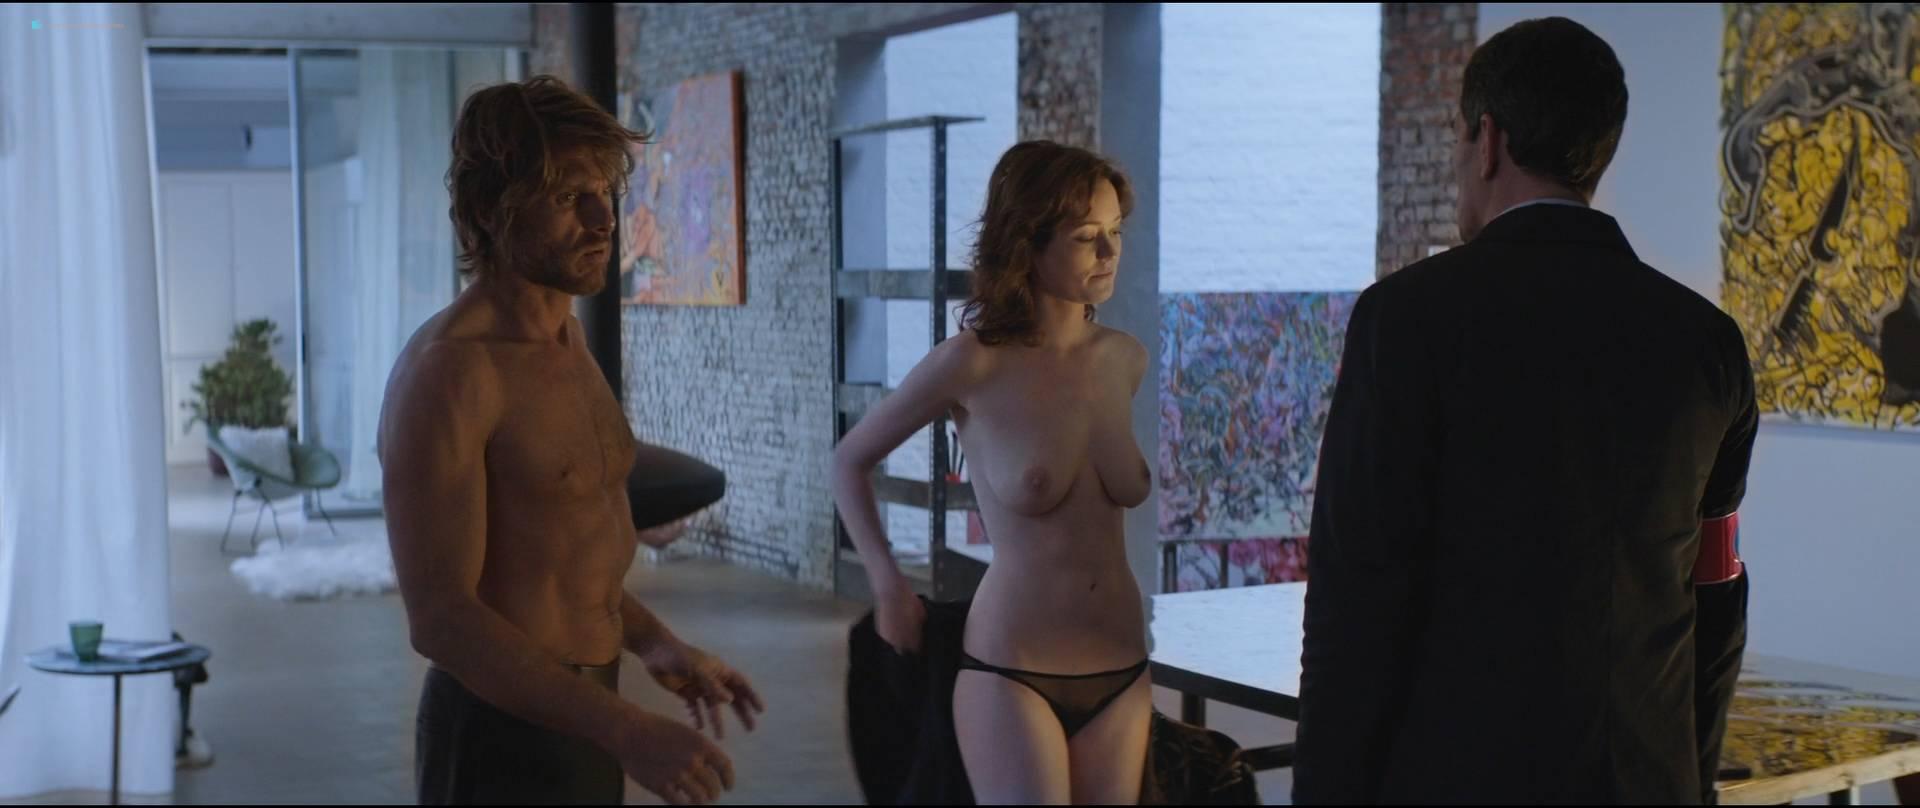 Sofie-Hoflack-nude-topless-and-hot-sex-Het-Tweede-Gelaat-BE-2017-HD-1080p-010.jpg